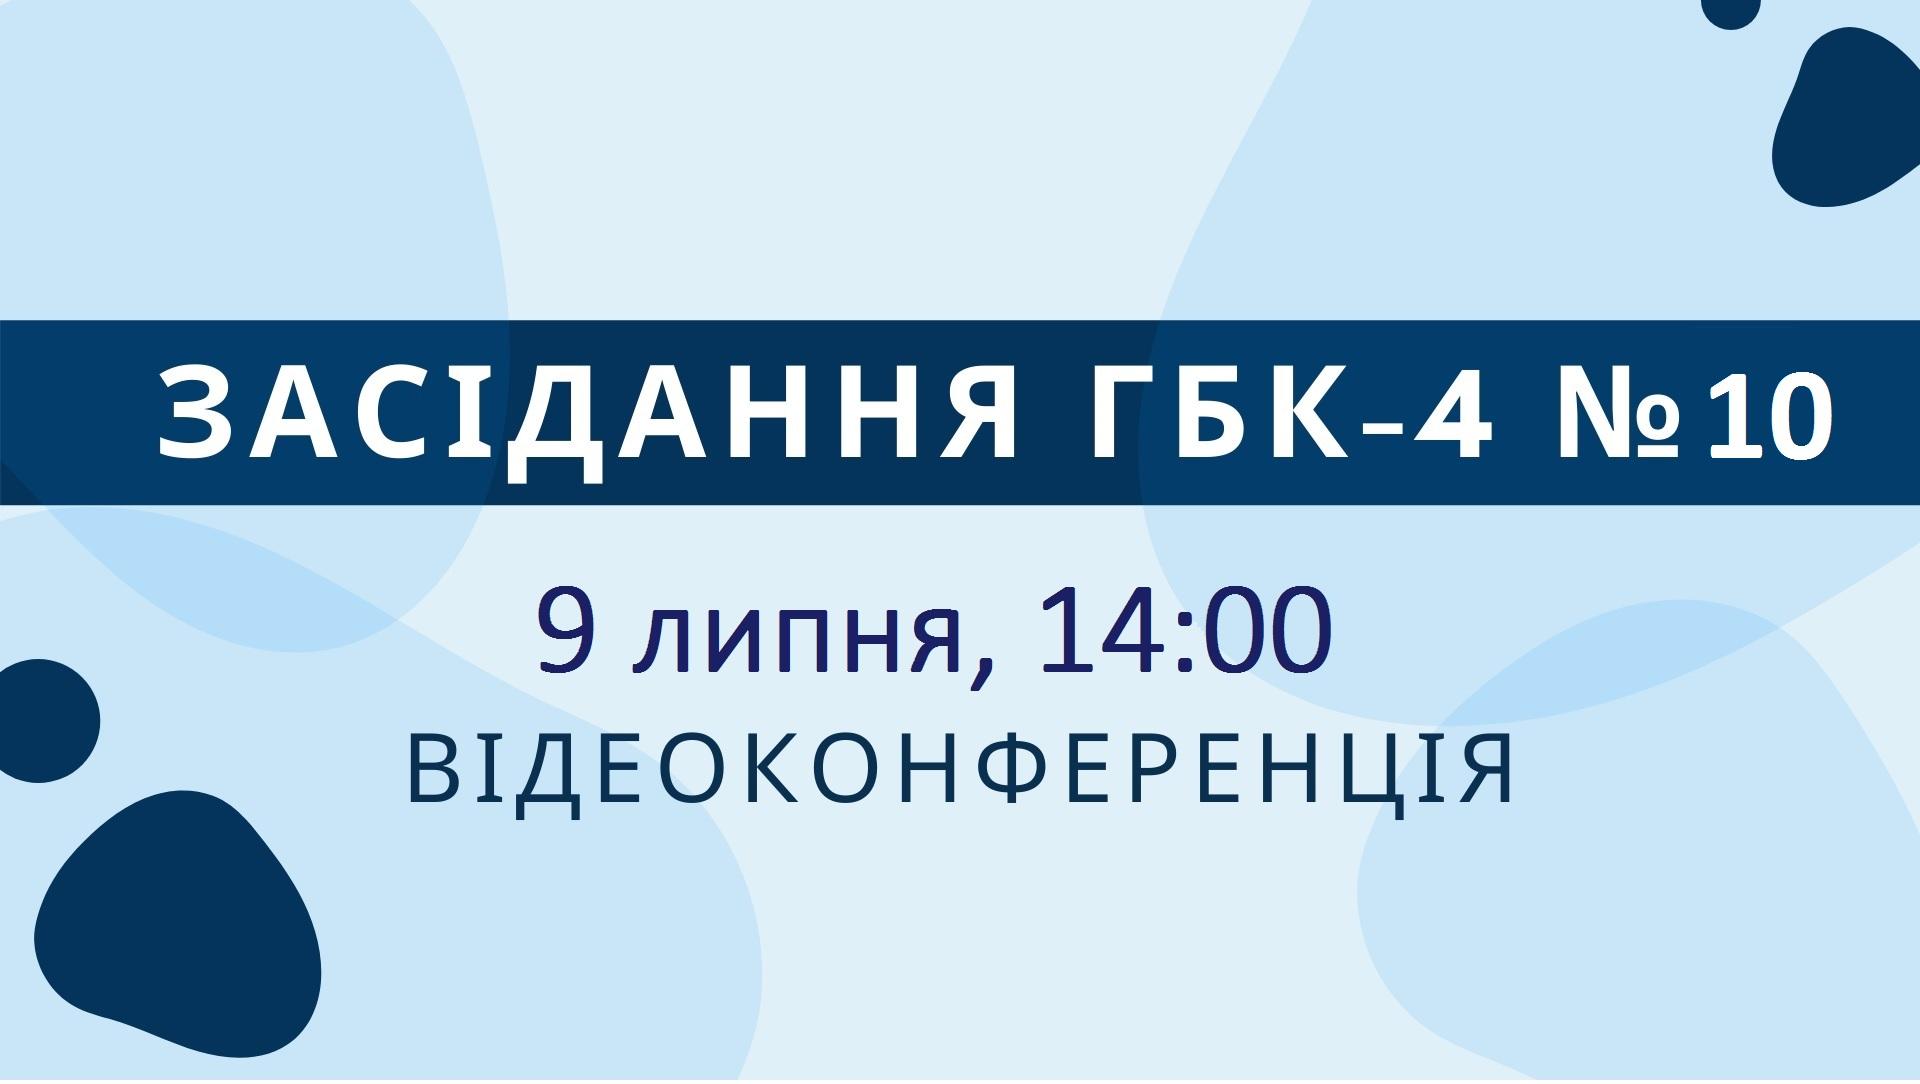 9 липня відбудеться засідання ГБК